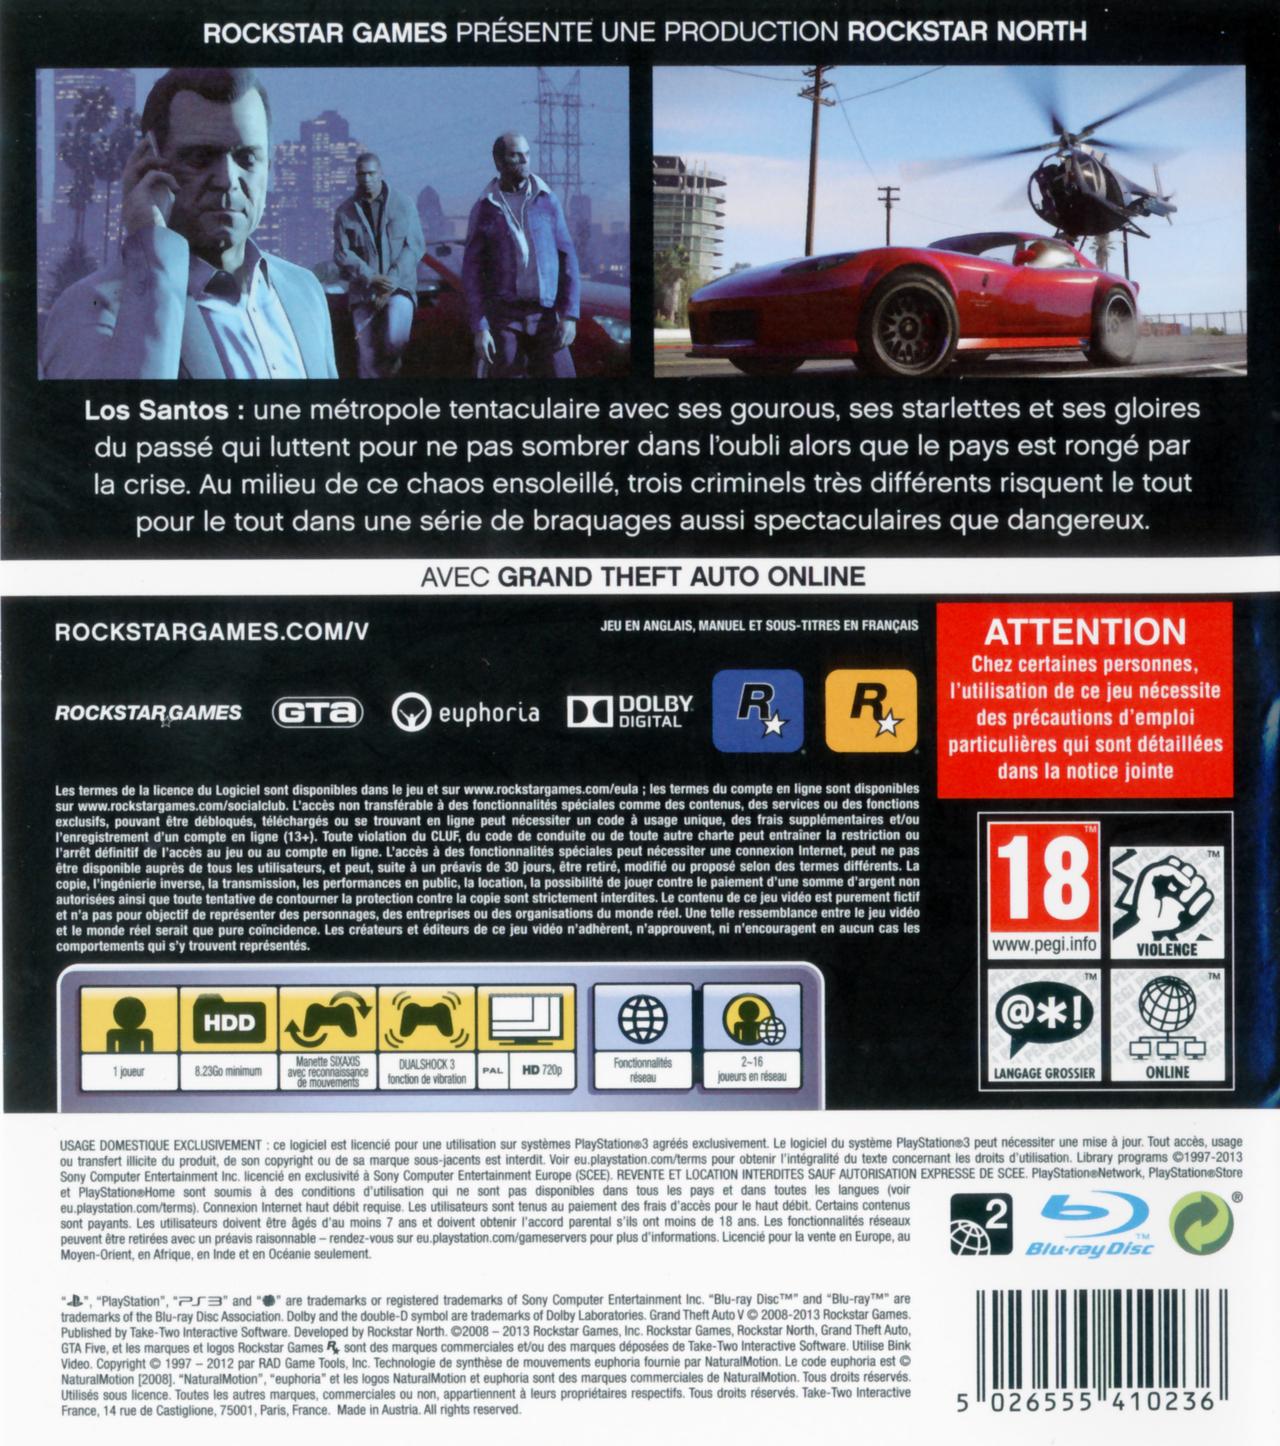 Gta Grand Theft Auto V 5 Ps3: Ça Fait Peur La Date De Sortie Sur Le Forum Assassin's